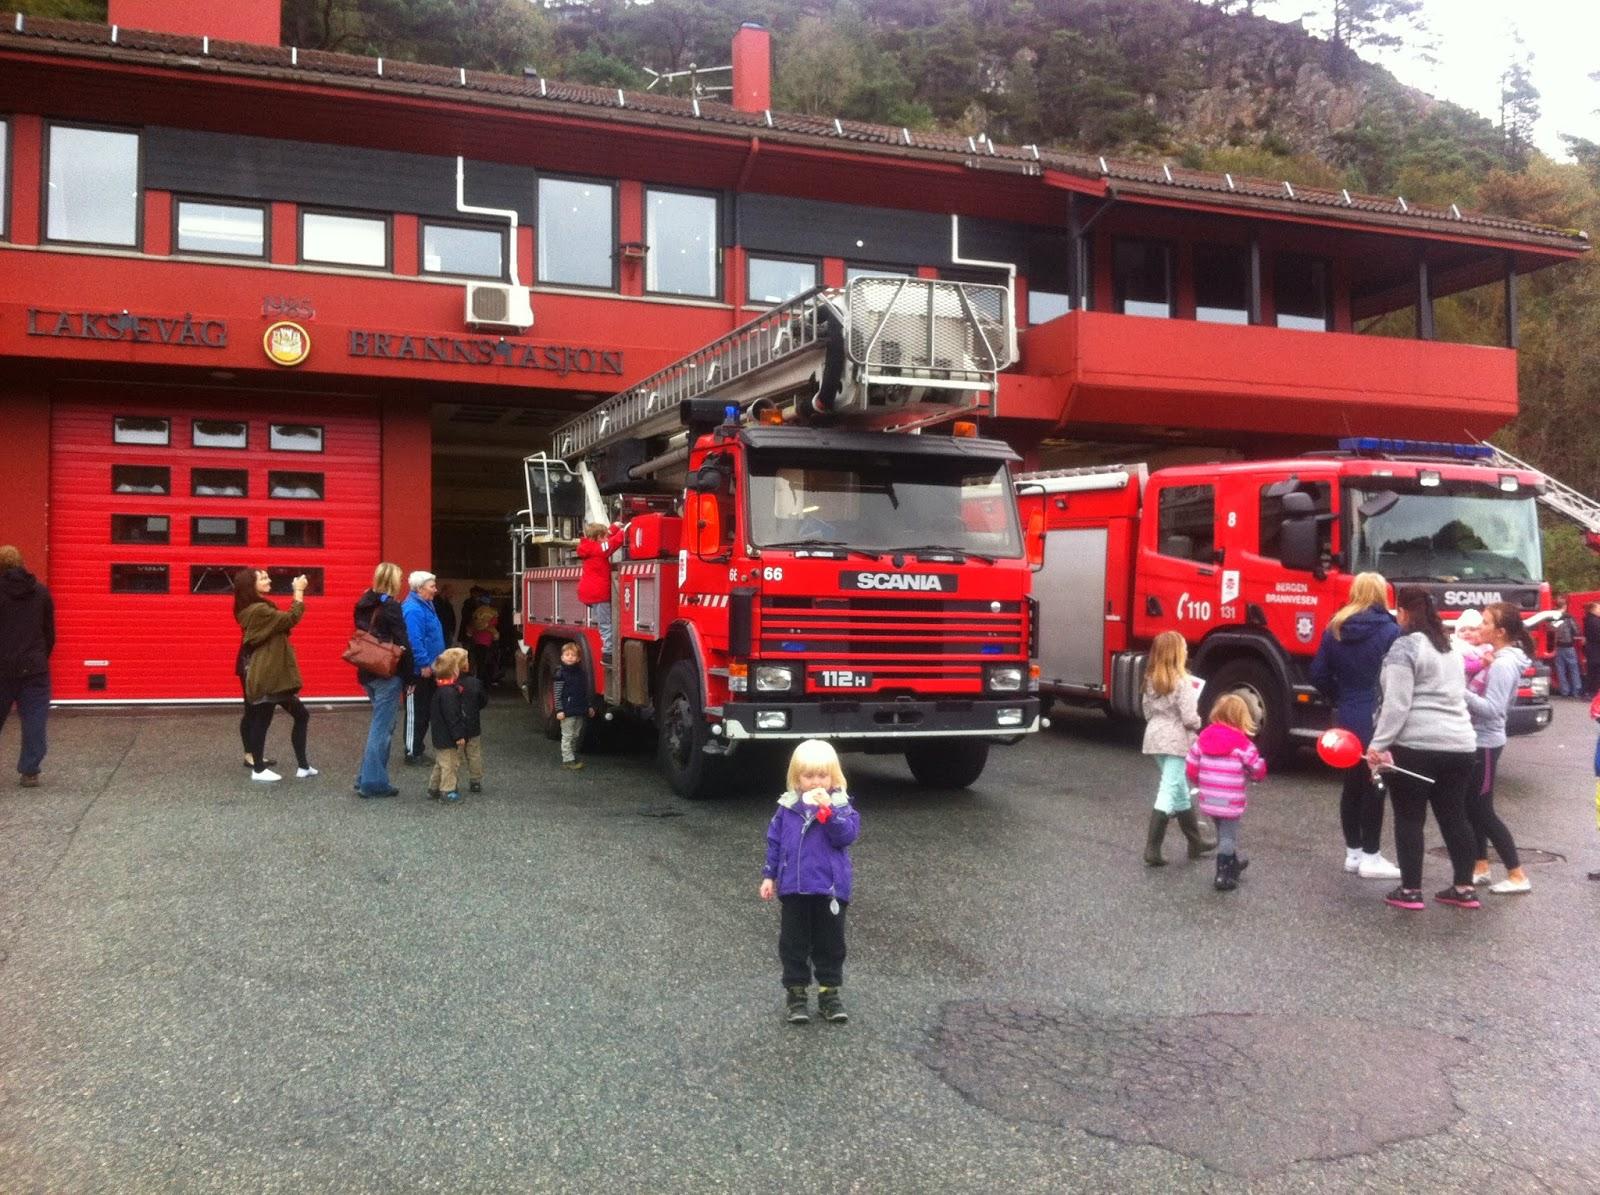 Herregård: Apen brannstasjon